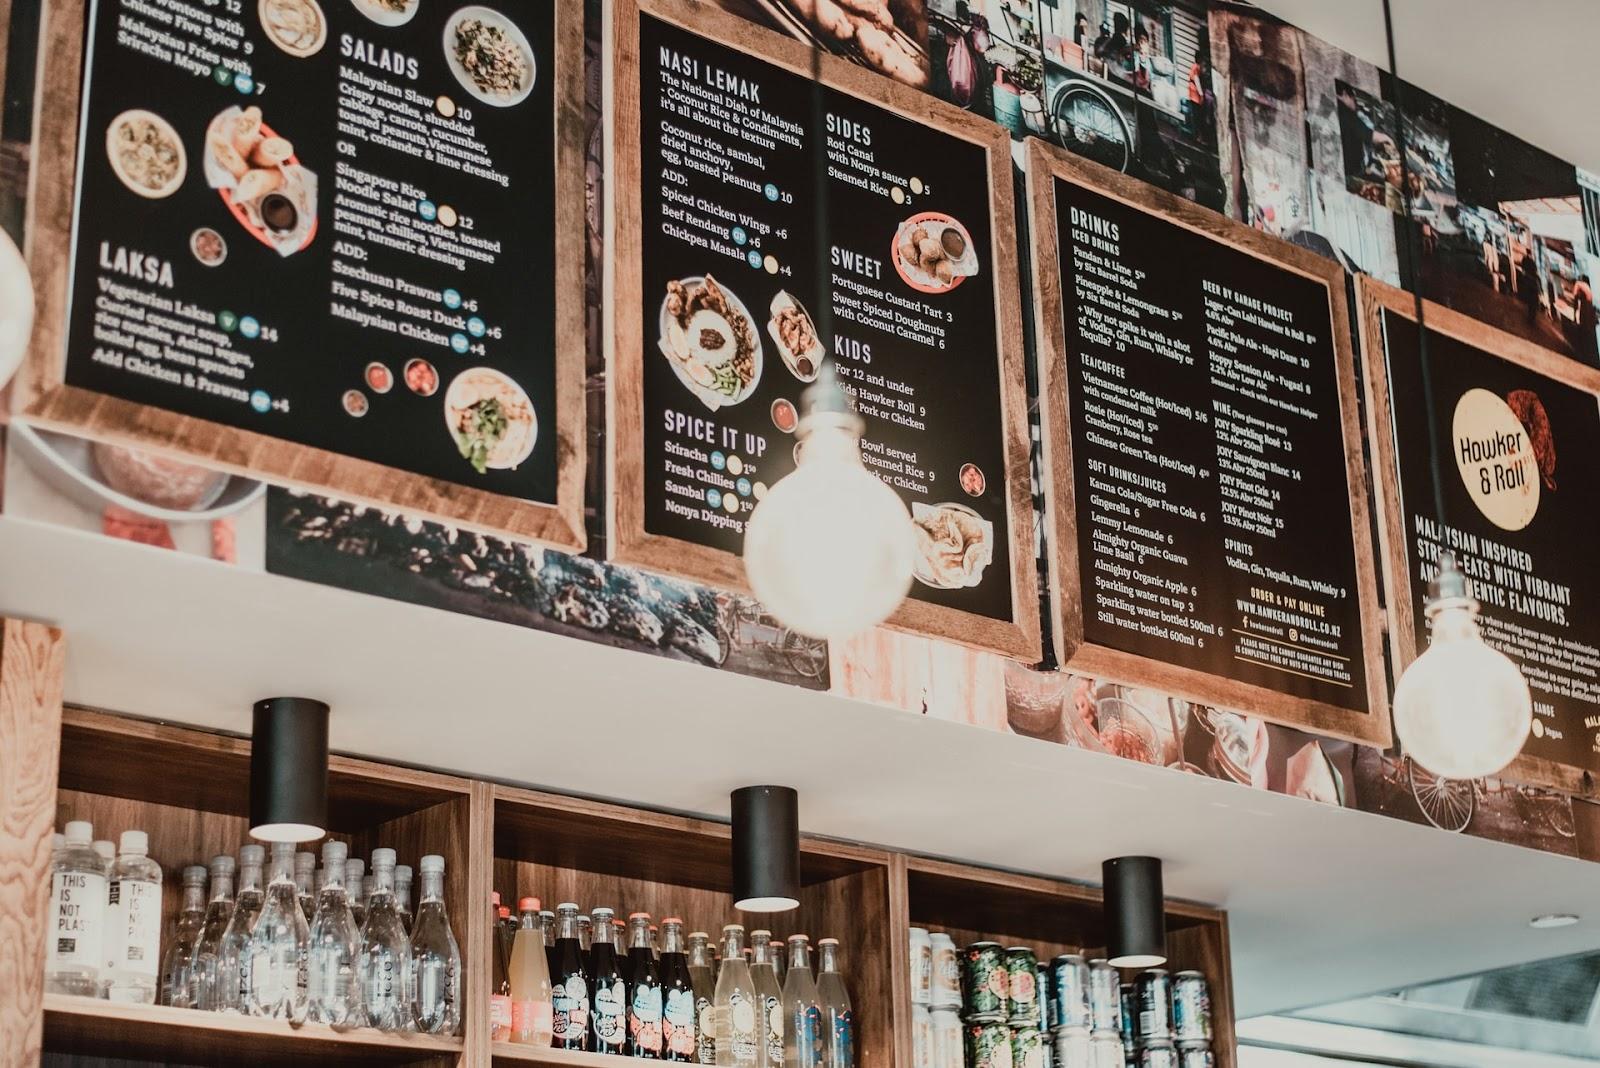 à la carte und andere Restauranttypen